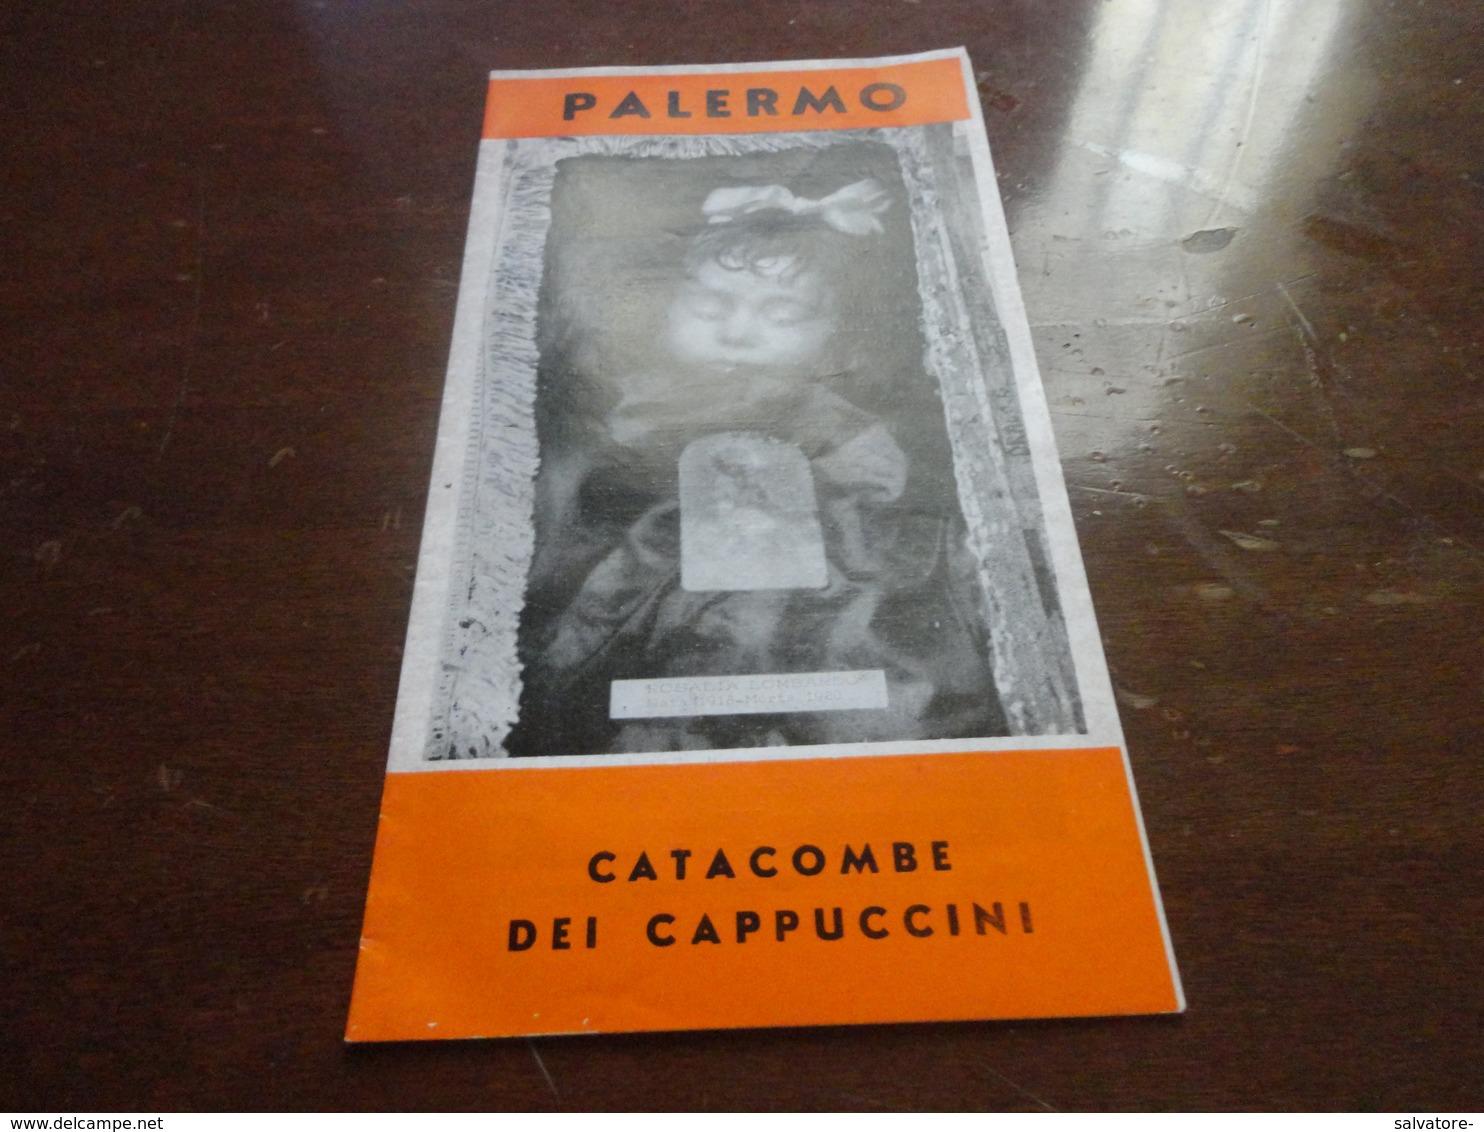 DEPLIANT CATACOMPE DEI CAPPUCCINI DI PALERMO-ANNI 60 - Livres, BD, Revues